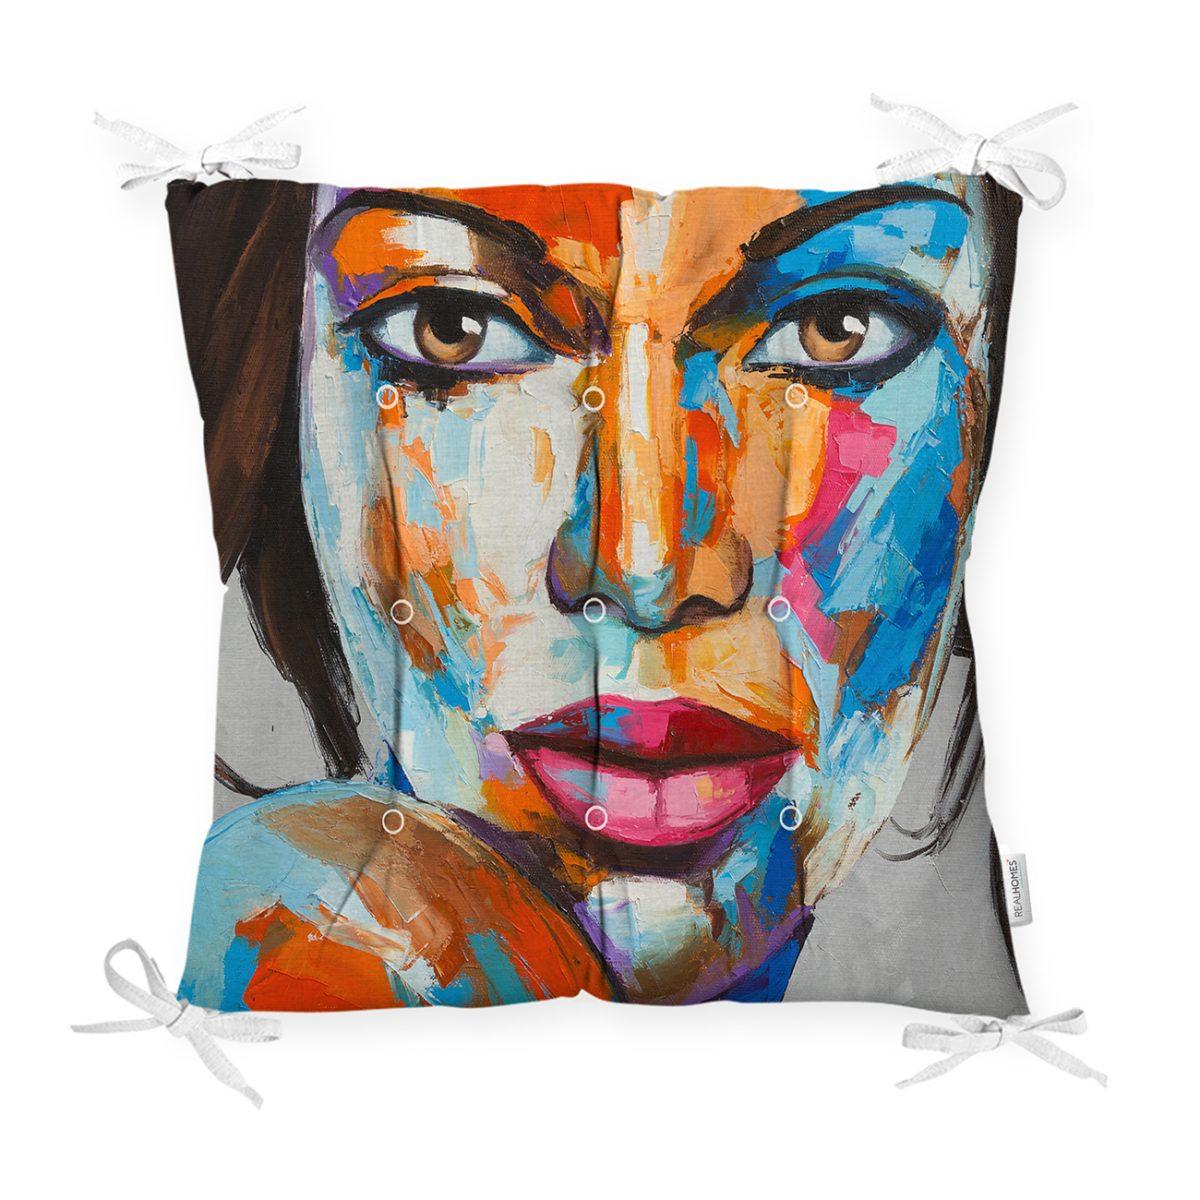 Sulu Boyalı Kadın Yüzlü Dekoratif Modern Pofidik Sandalye Minderi Realhomes